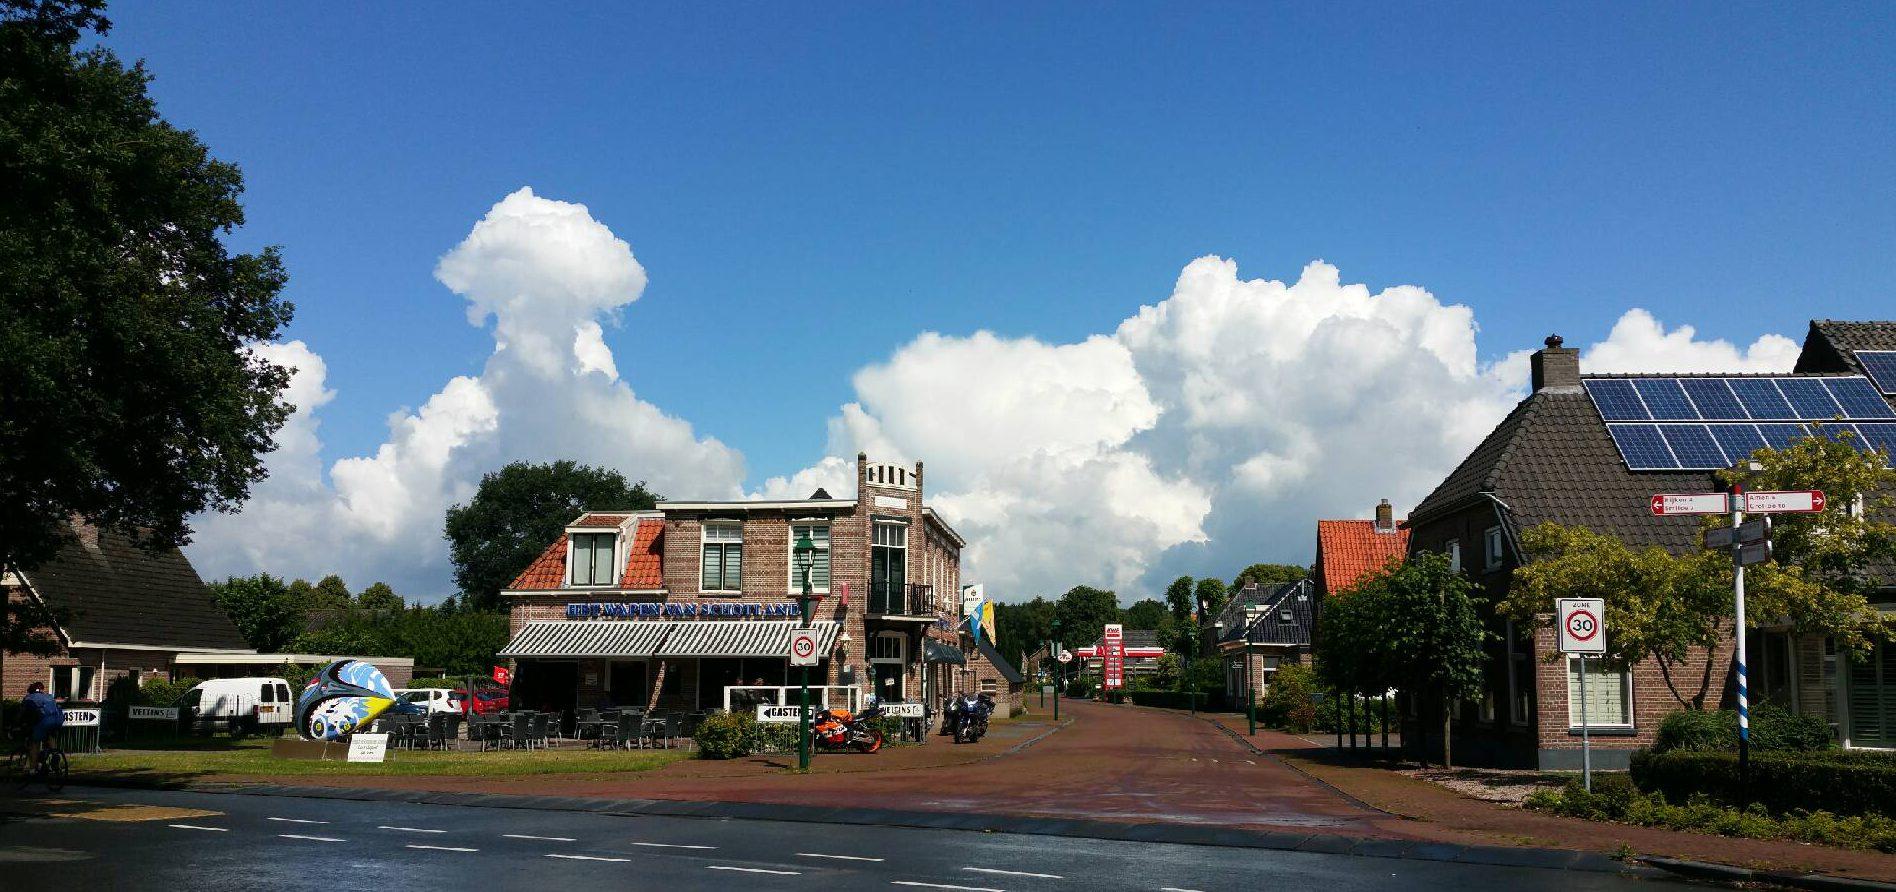 Knapzakroute K40 Hooghalen - Drenthe